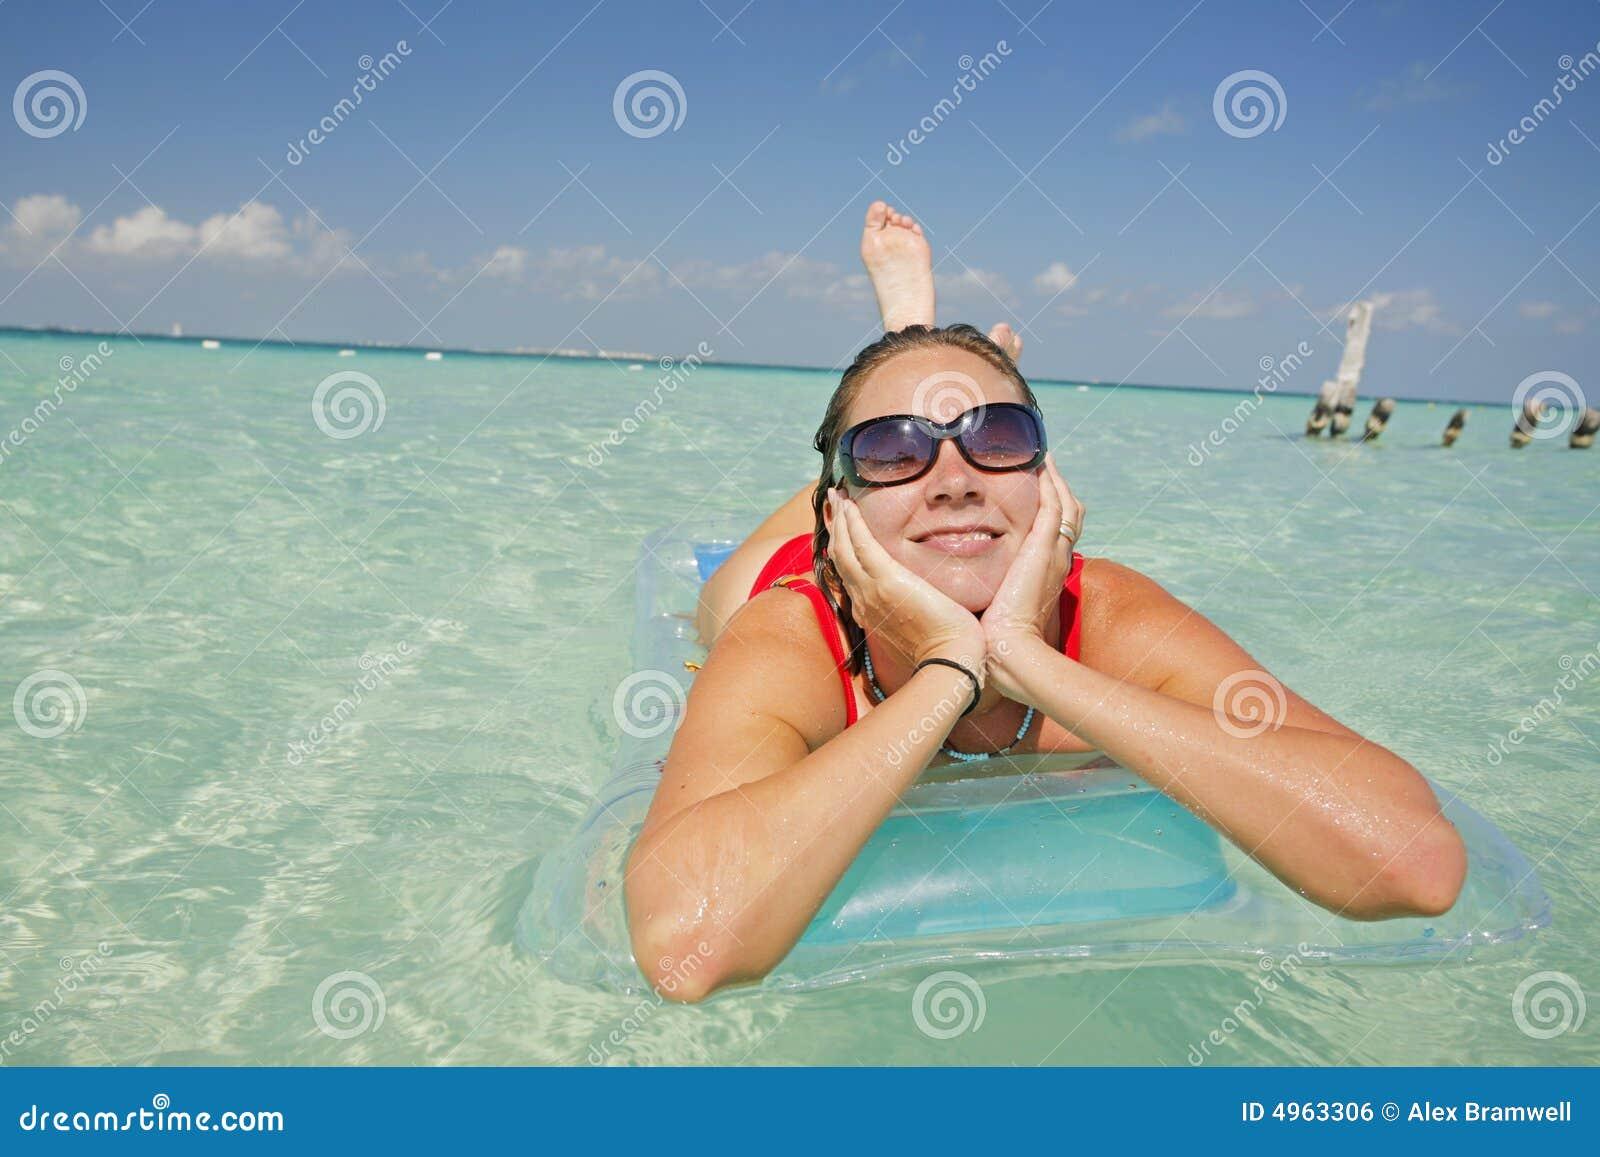 La durée est une plage (Lilo)